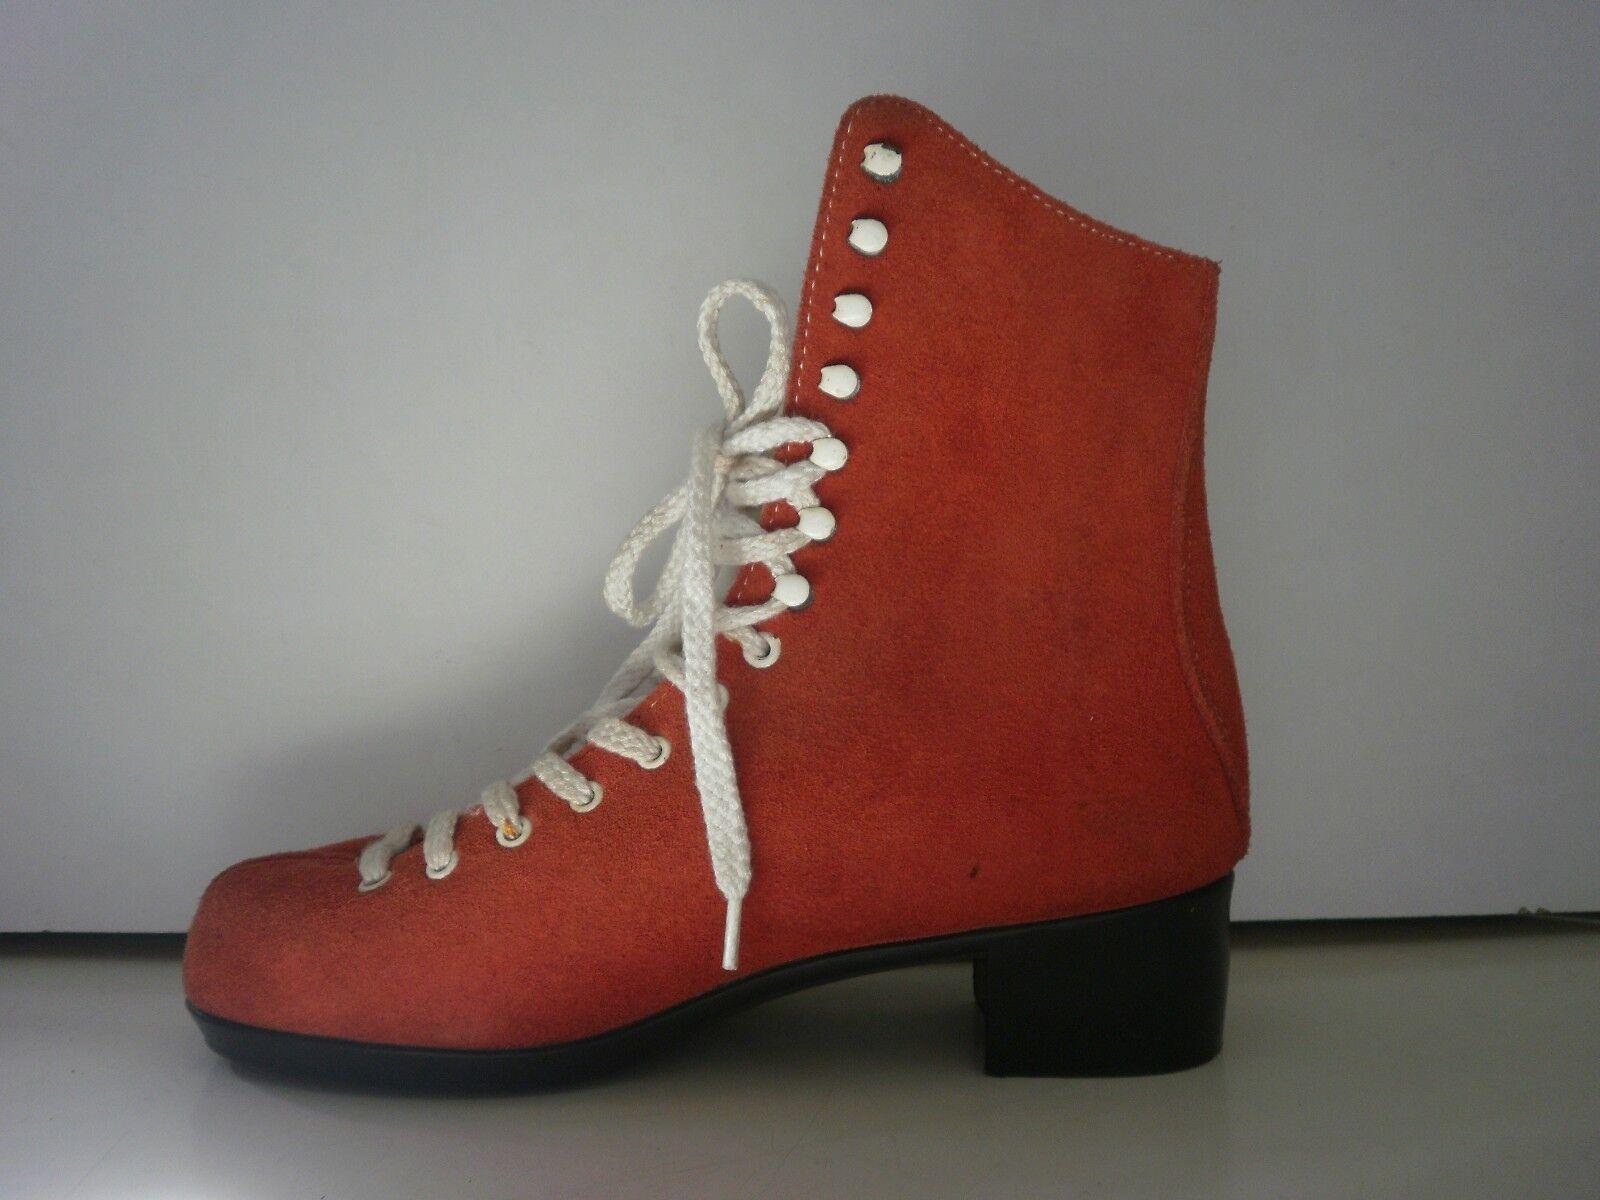 esclusivo Stivaletto da Donna Stivali 70er True Vintage 80s Rosso Rosso Rosso Stivaletti sono normalissime  grandi prezzi scontati